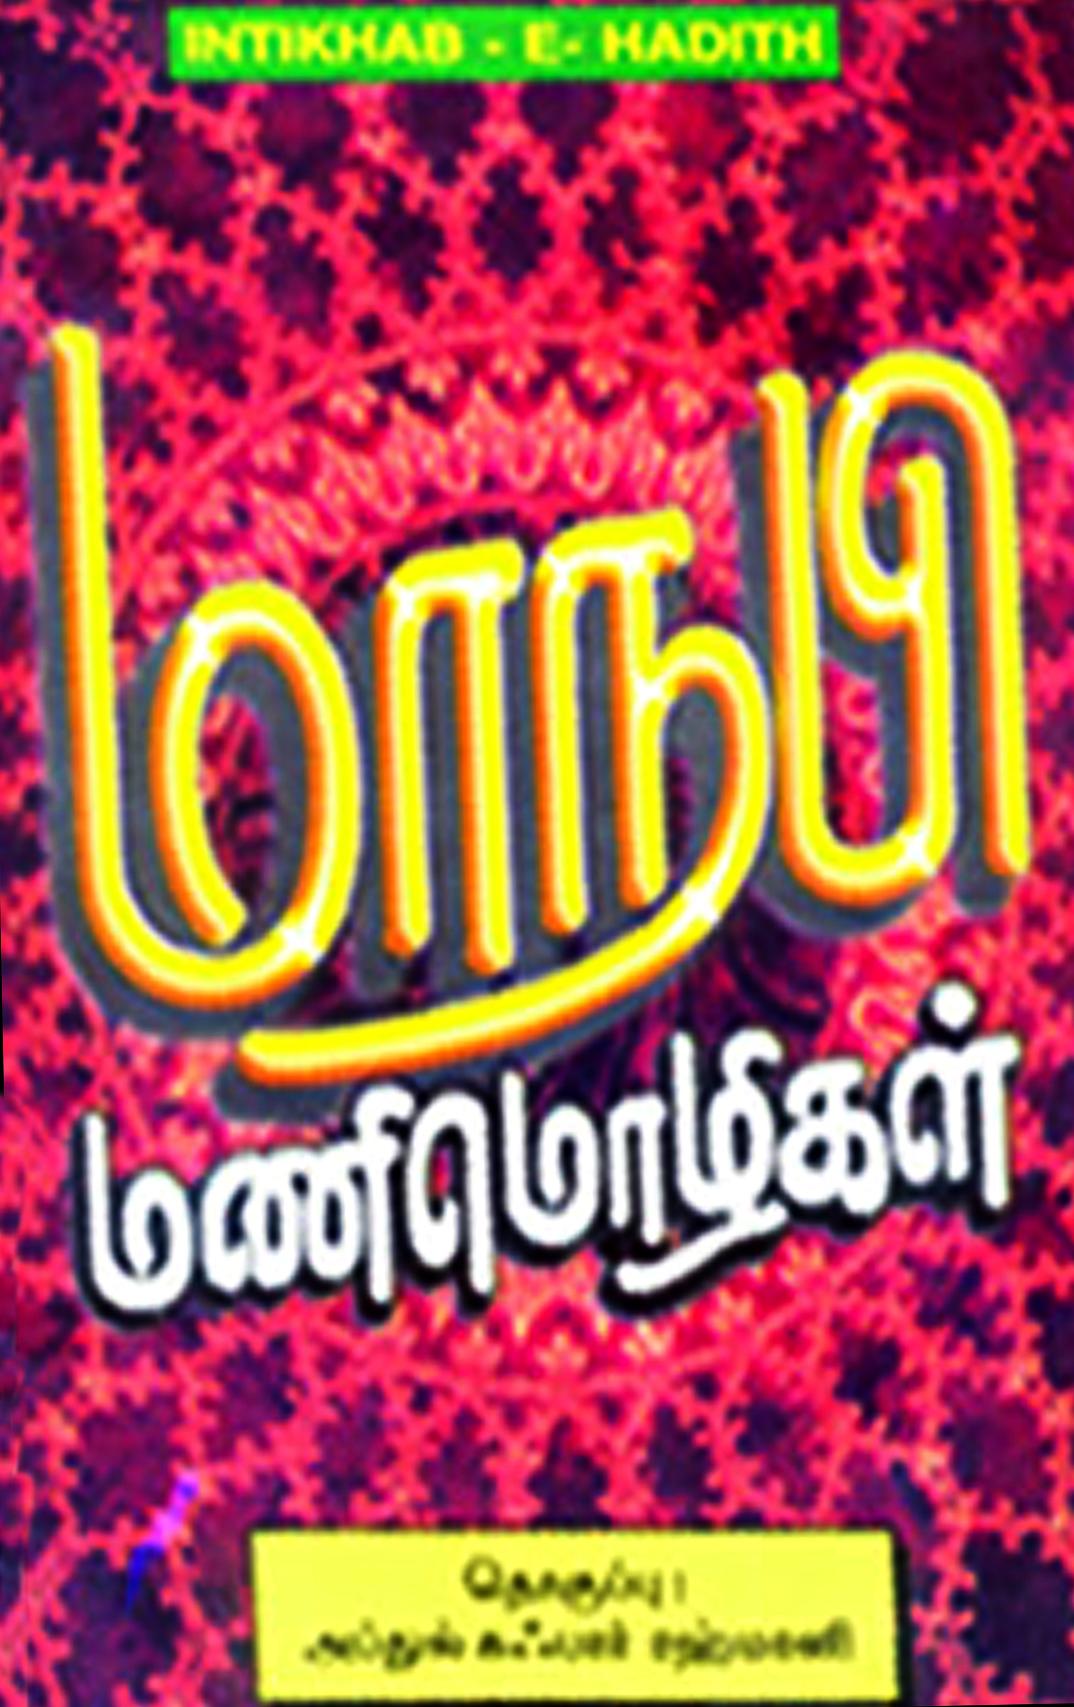 மாநபி மணிமொழிகள்-Maanabi maṇimozhikal